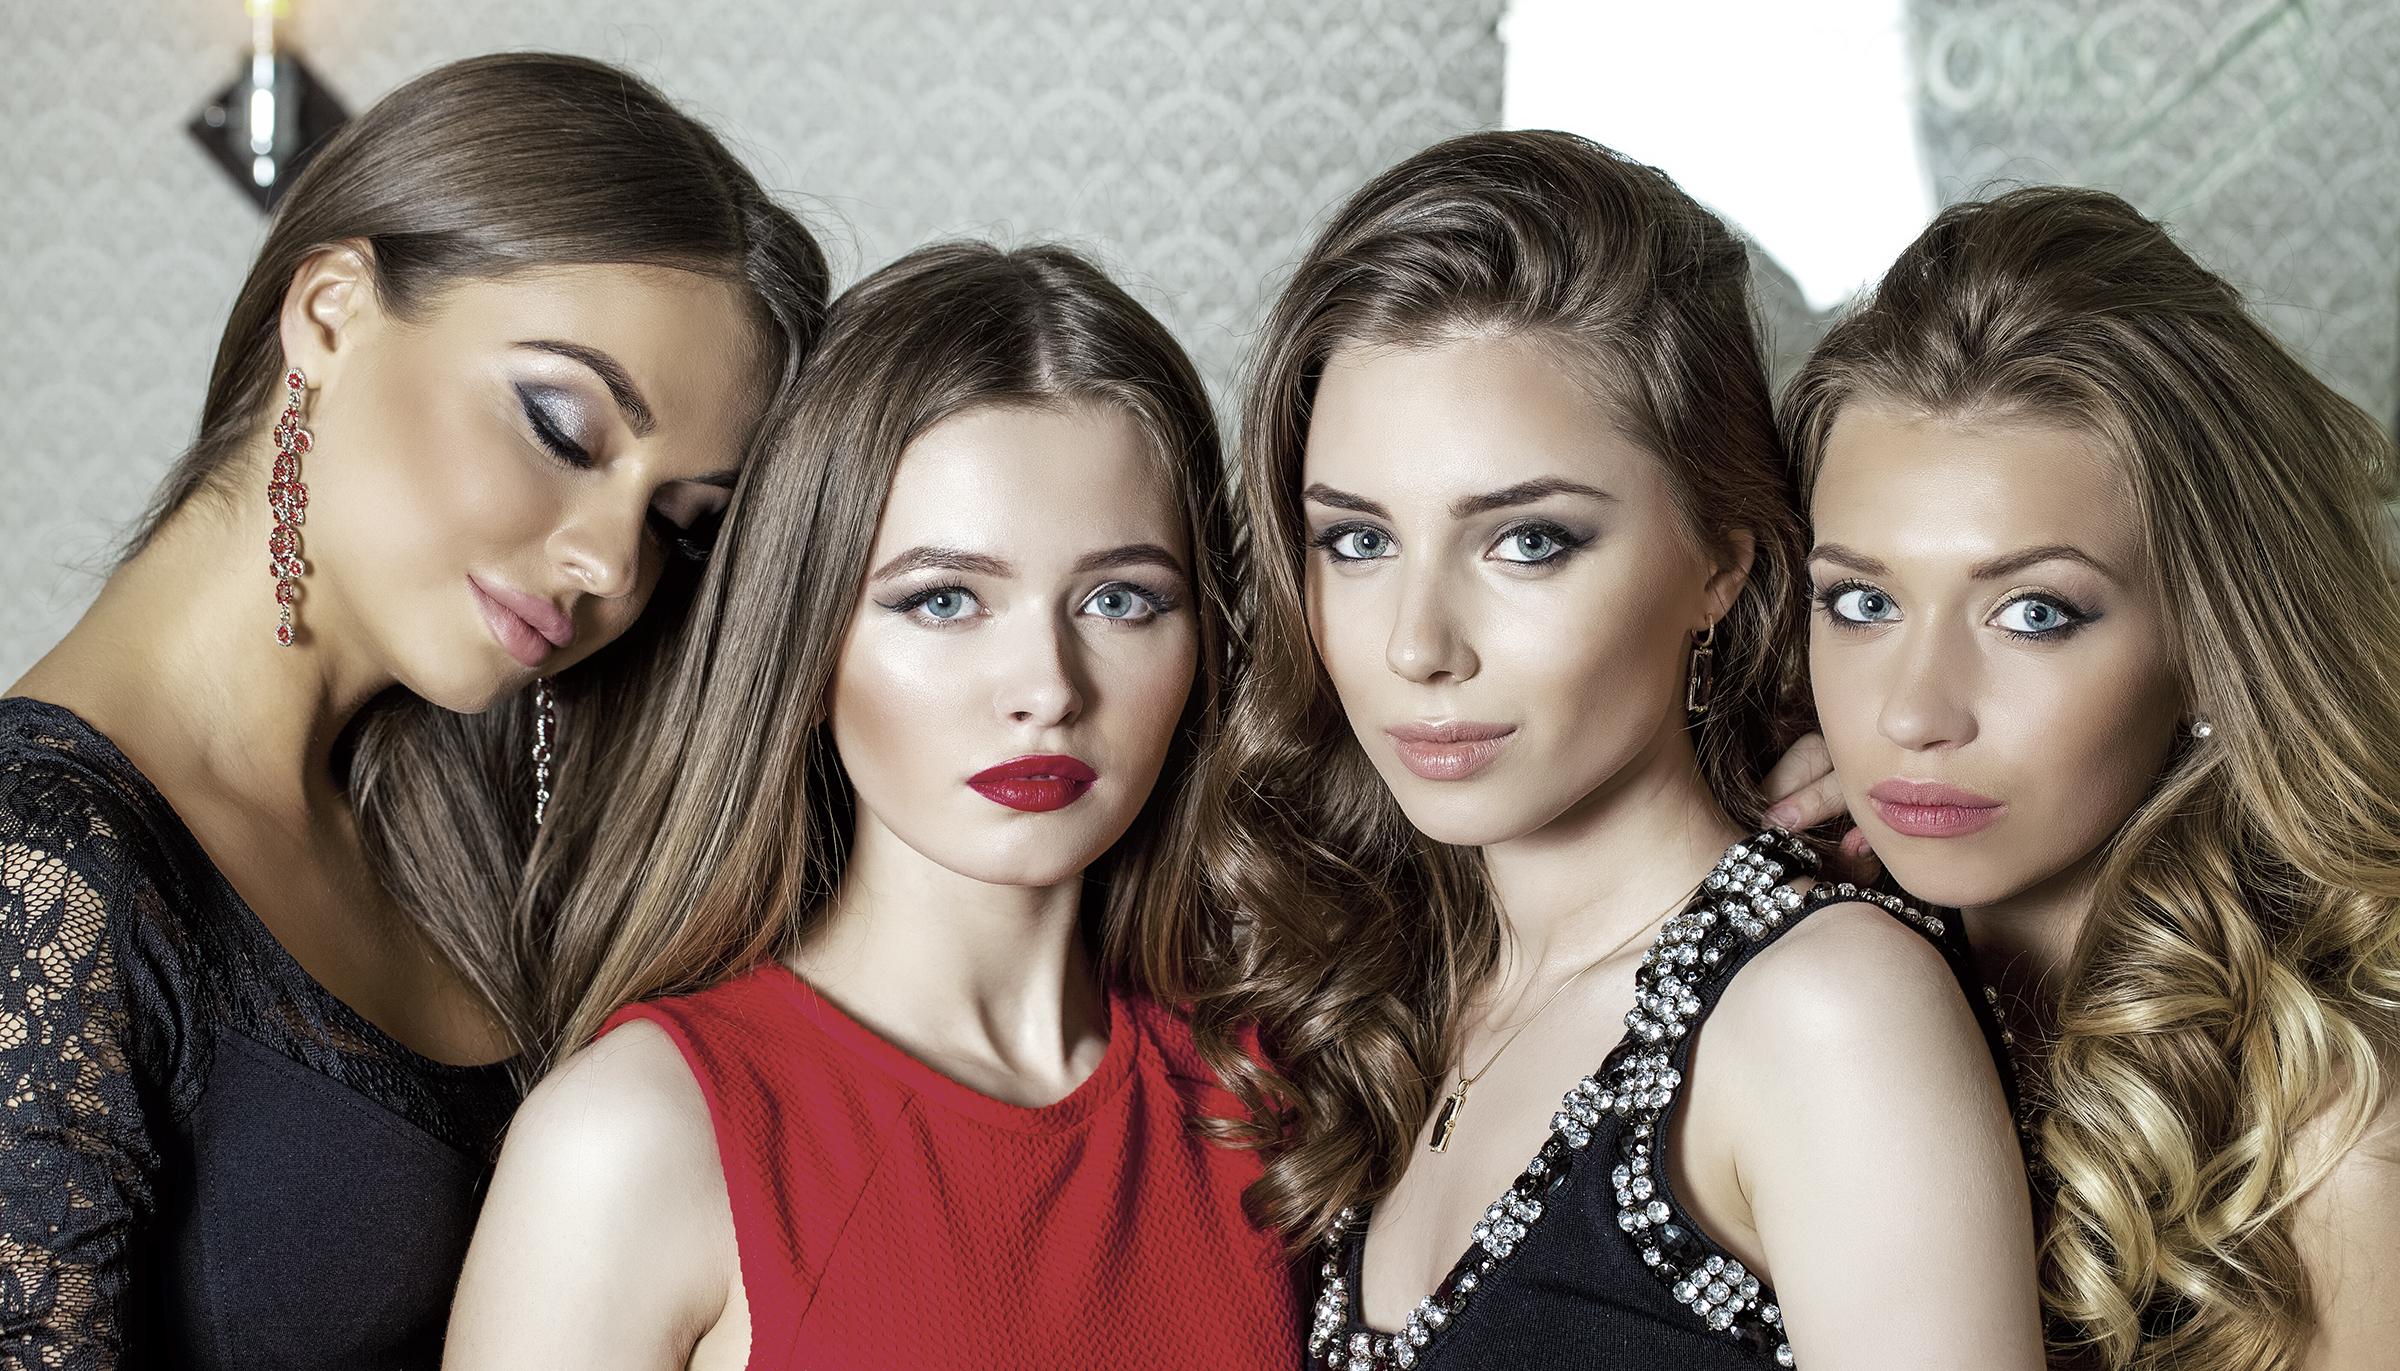 Salon Salon - Girls Prom Hair